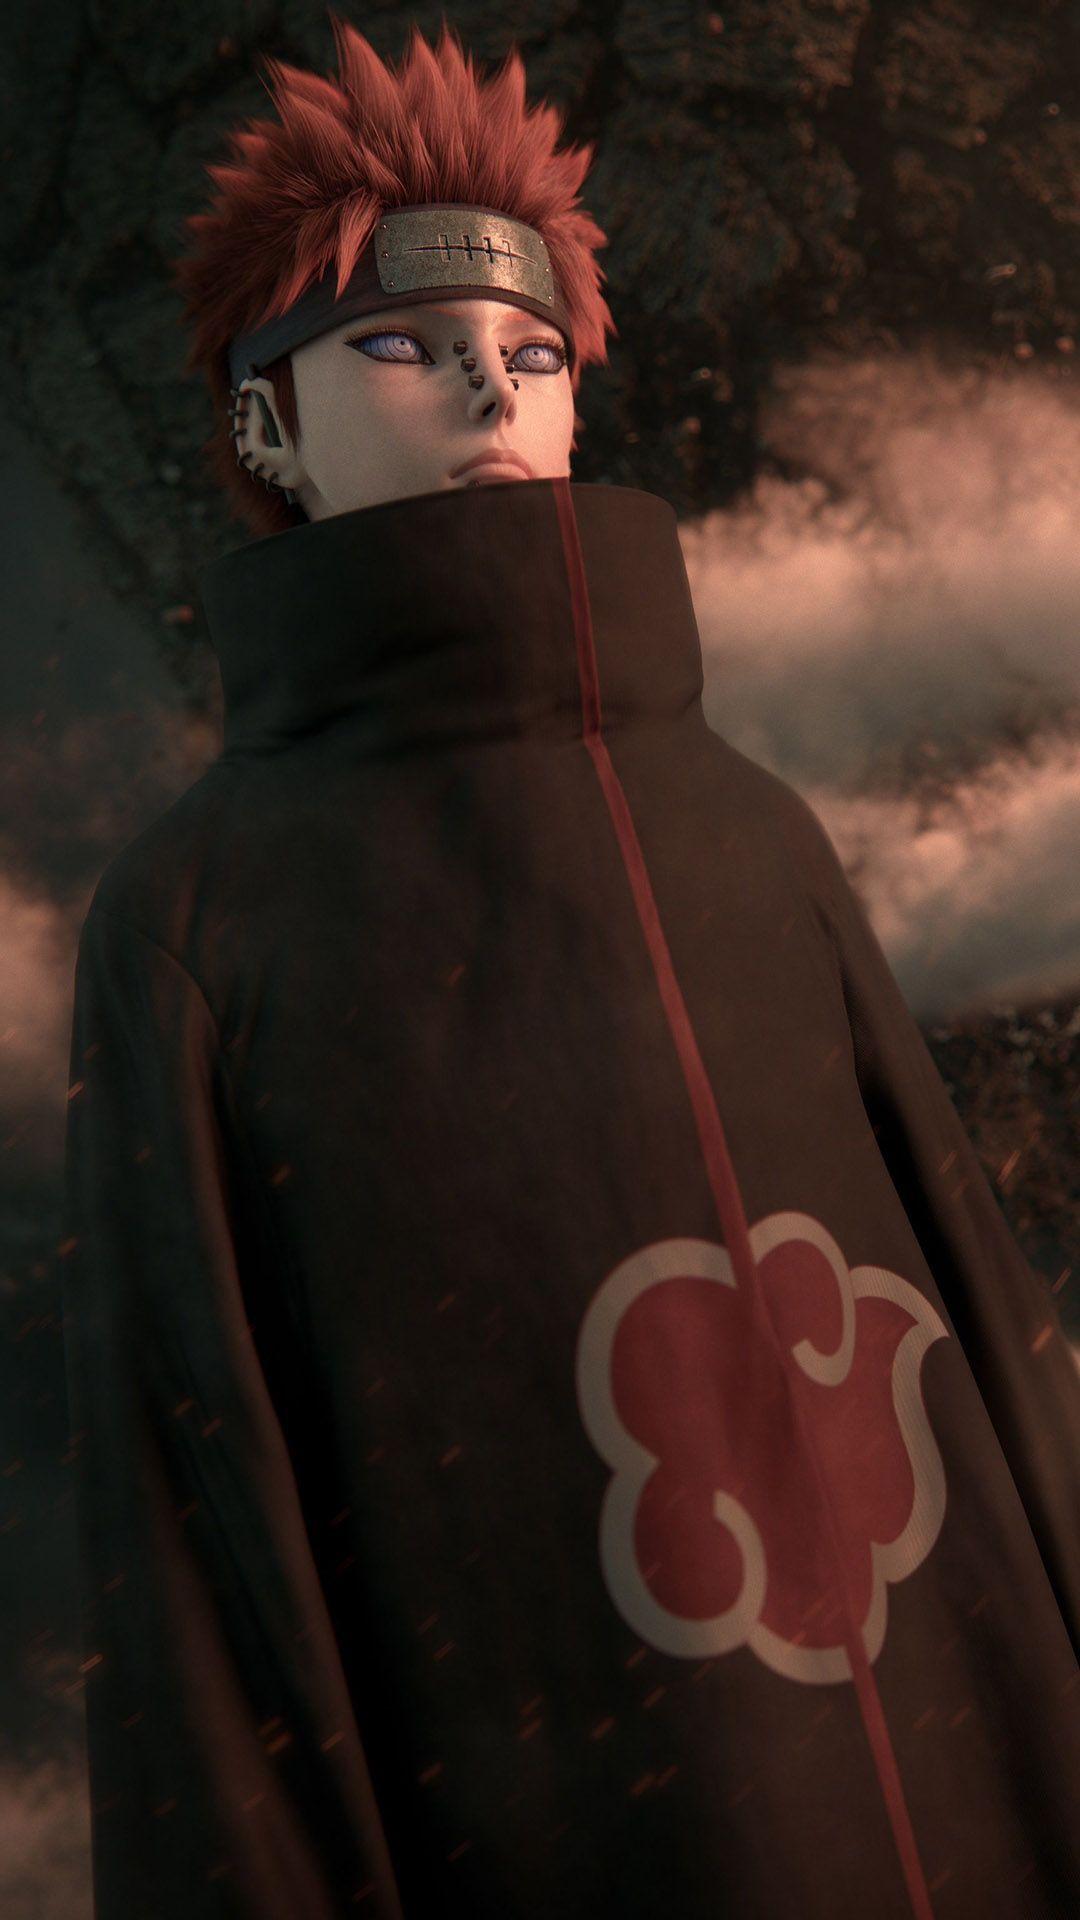 Pin de Sara Uzumaki em Akatsuki Anime, Naruto, Naruto